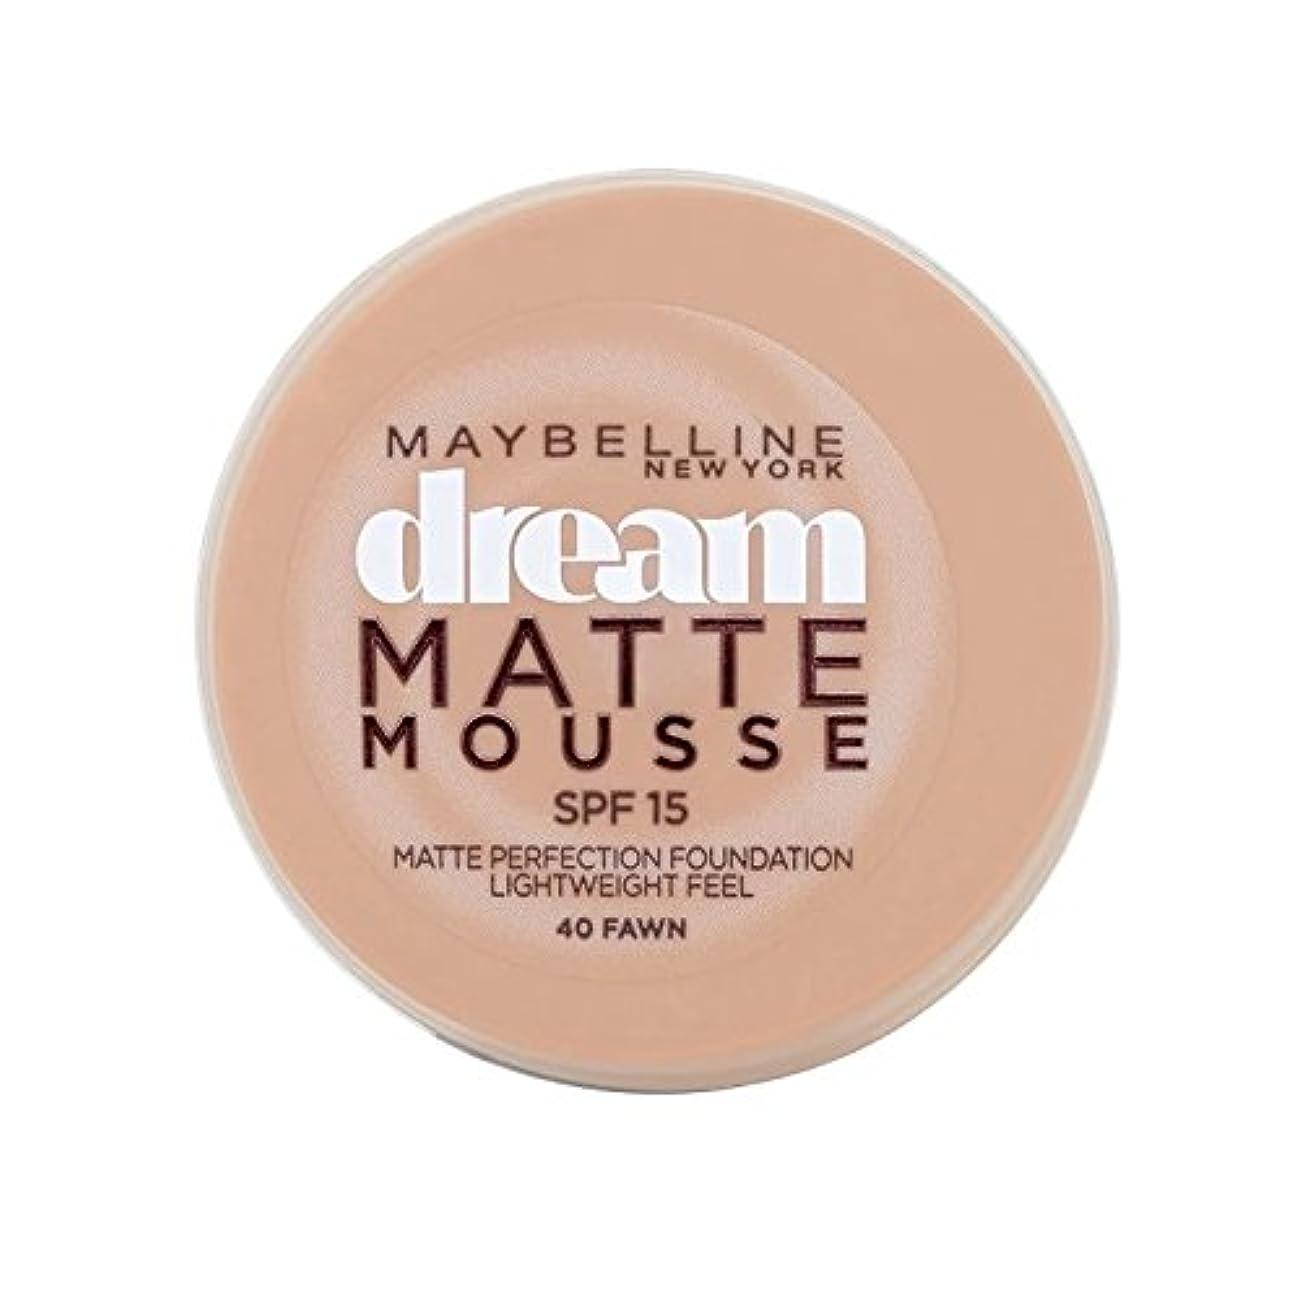 掘る苛性鈍いMaybelline Dream Matte Mousse Foundation 40 Fawn 10ml (Pack of 6) - メイベリン夢のマットムース土台40子鹿の10ミリリットル x6 [並行輸入品]